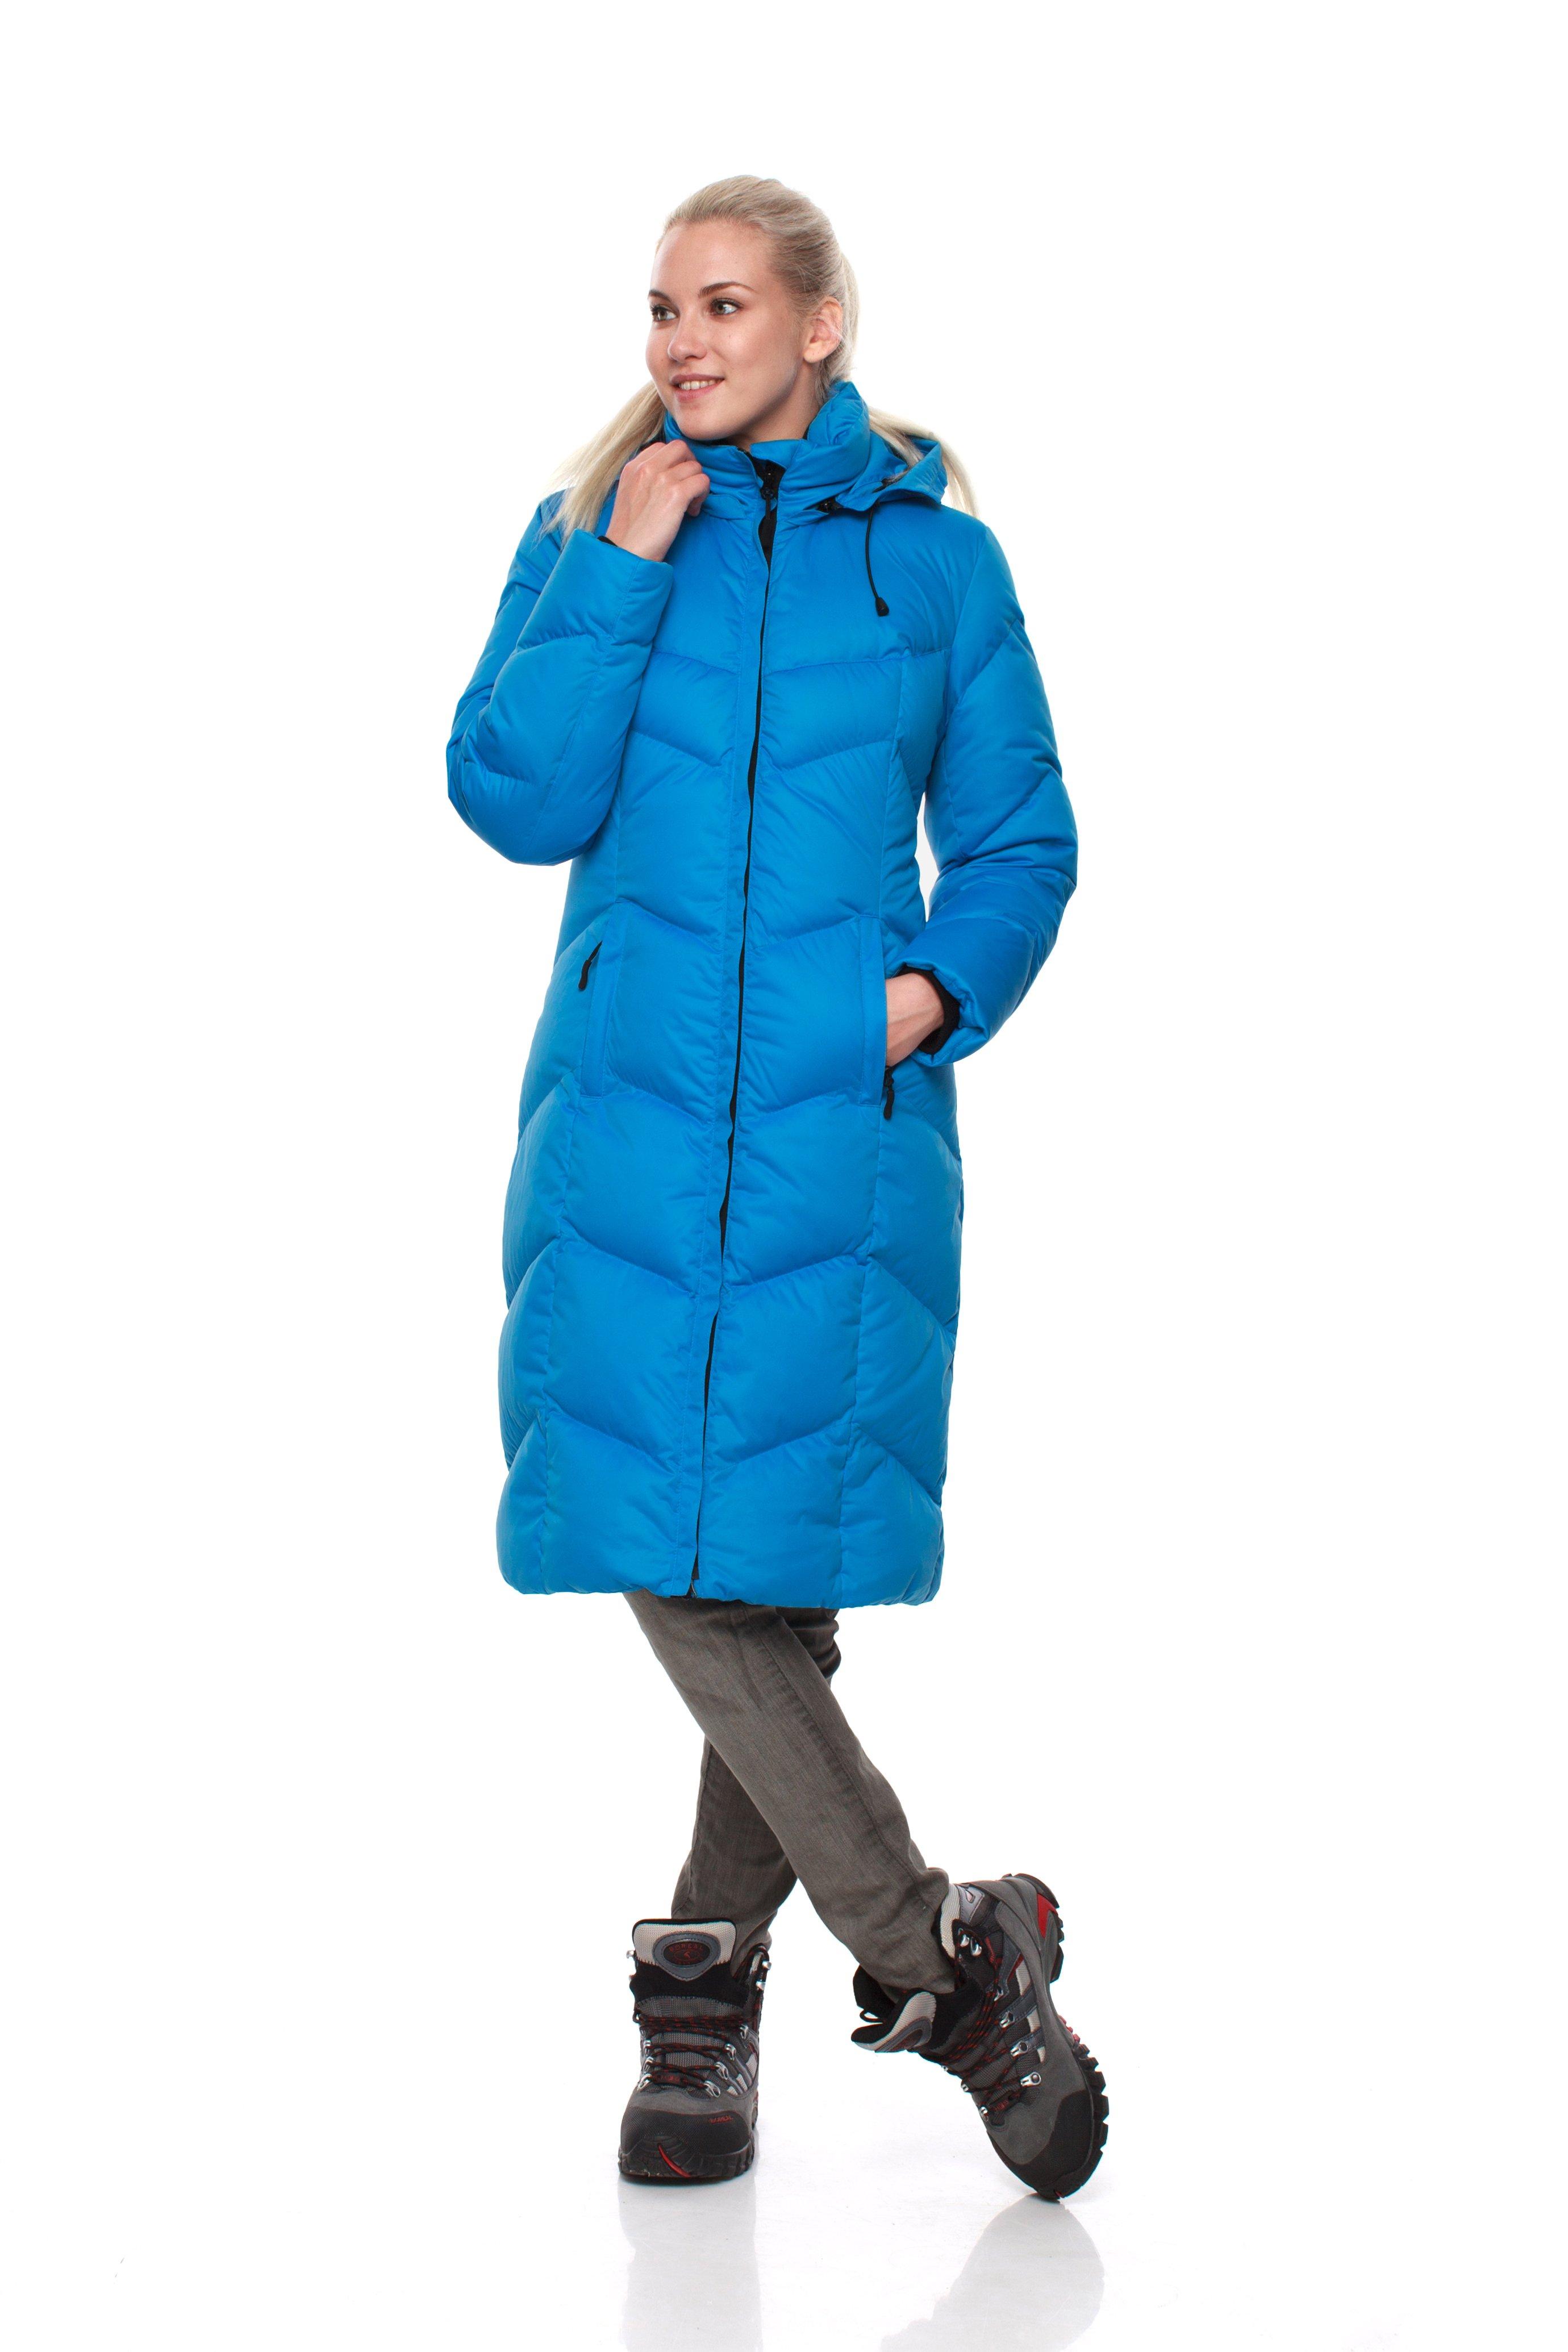 Пуховое пальто BASK SNOWFLAKE 5454Куртки<br><br><br>Верхняя ткань: Advance® Ice<br>Вес граммы: 1700<br>Вес утеплителя: 320<br>Ветро-влагозащитные свойства верхней ткани: Нет<br>Ветрозащитная планка: Да<br>Ветрозащитная юбка: Нет<br>Влагозащитные молнии: Нет<br>Внутренние манжеты: Да<br>Внутренняя ткань: Advance® Classic<br>Дублирующий центральную молнию клапан: Да<br>Защитный козырёк капюшона: Нет<br>Капюшон: Съемный<br>Карман для средств связи: Нет<br>Количество внешних карманов: 2<br>Количество внутренних карманов: 2<br>Коллекция: BASK CITY<br>Мембрана: Нет<br>Объемный крой локтевой зоны: Нет<br>Отстёгивающиеся рукава: Нет<br>Показатель Fill Power (для пуховых изделий): 700<br>Пол: Женский<br>Проклейка швов: Нет<br>Регулировка манжетов рукавов: Нет<br>Регулировка низа: Нет<br>Регулировка объёма капюшона: Нет<br>Регулировка талии: Нет<br>Регулируемые вентиляционные отверстия: Нет<br>Световозвращающая лента: Нет<br>Температурный режим: -15<br>Технология Thermal Welding: Нет<br>Технология швов: Простые<br>Тип молнии: Двухзамковая<br>Тип утеплителя: Натуральный<br>Усиление контактных зон: Нет<br>Утеплитель: Гусиный пух<br>Размер INT: M<br>Цвет: СИНИЙ